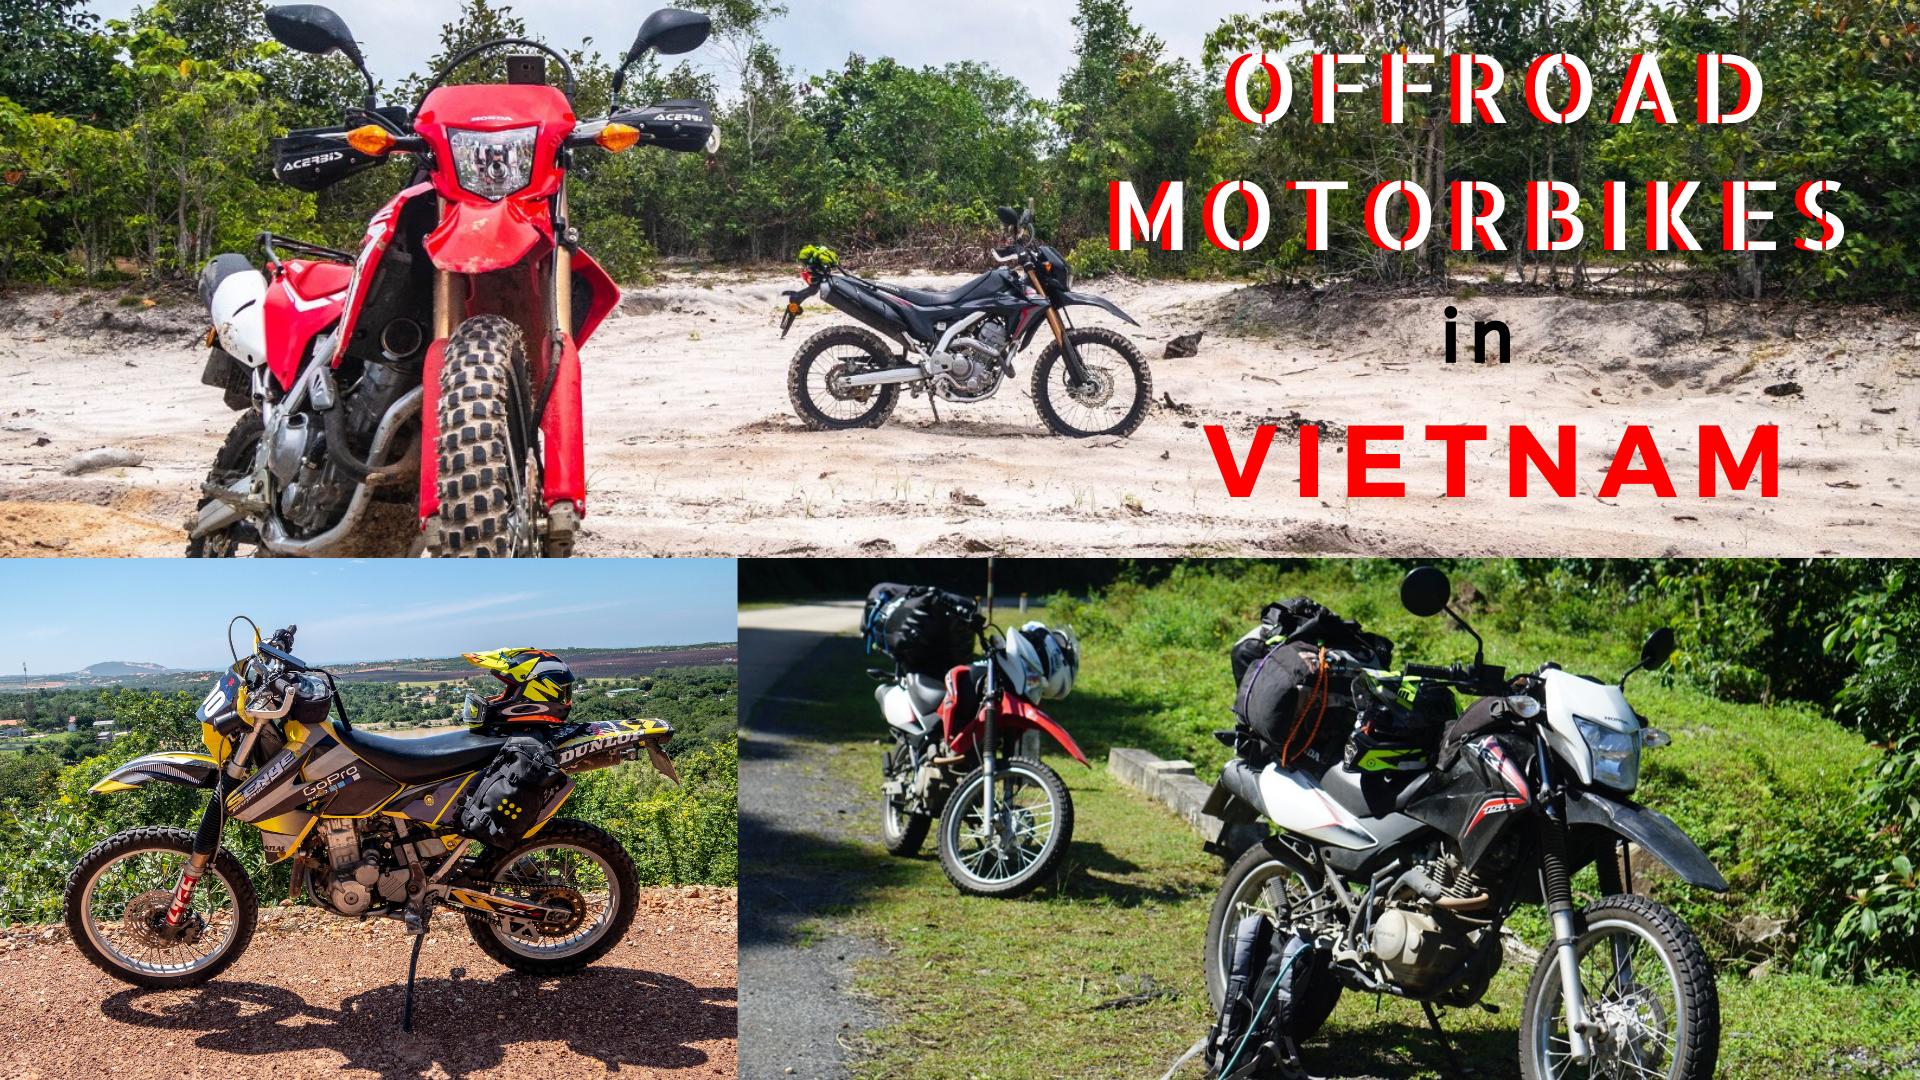 Offroad Motorbikes in Vietnam